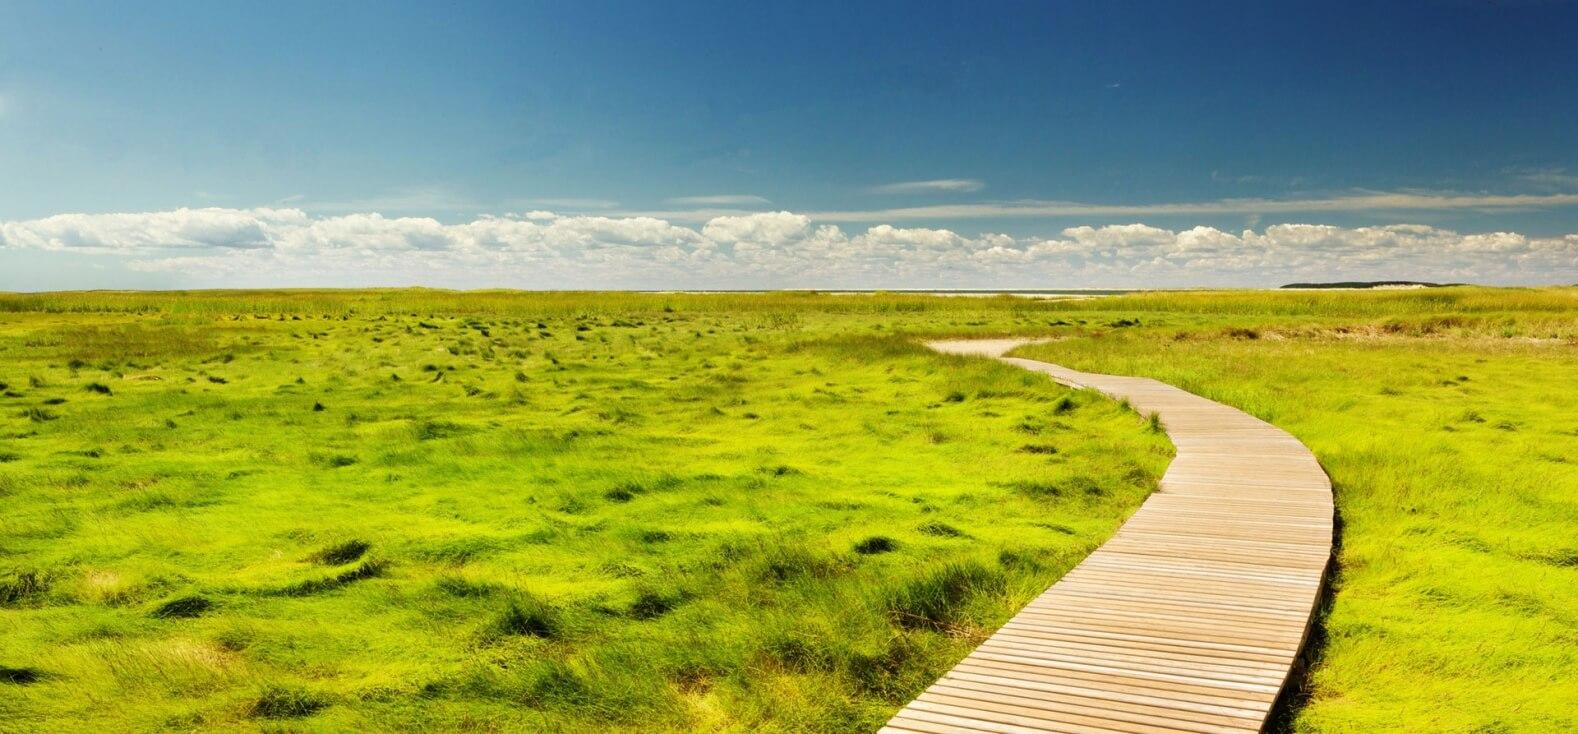 GreenAdz Customer Insights und Customer Feedback auf Augenhöhe mit Baumspende als Incentivierung und unaufdringlich eingebunden